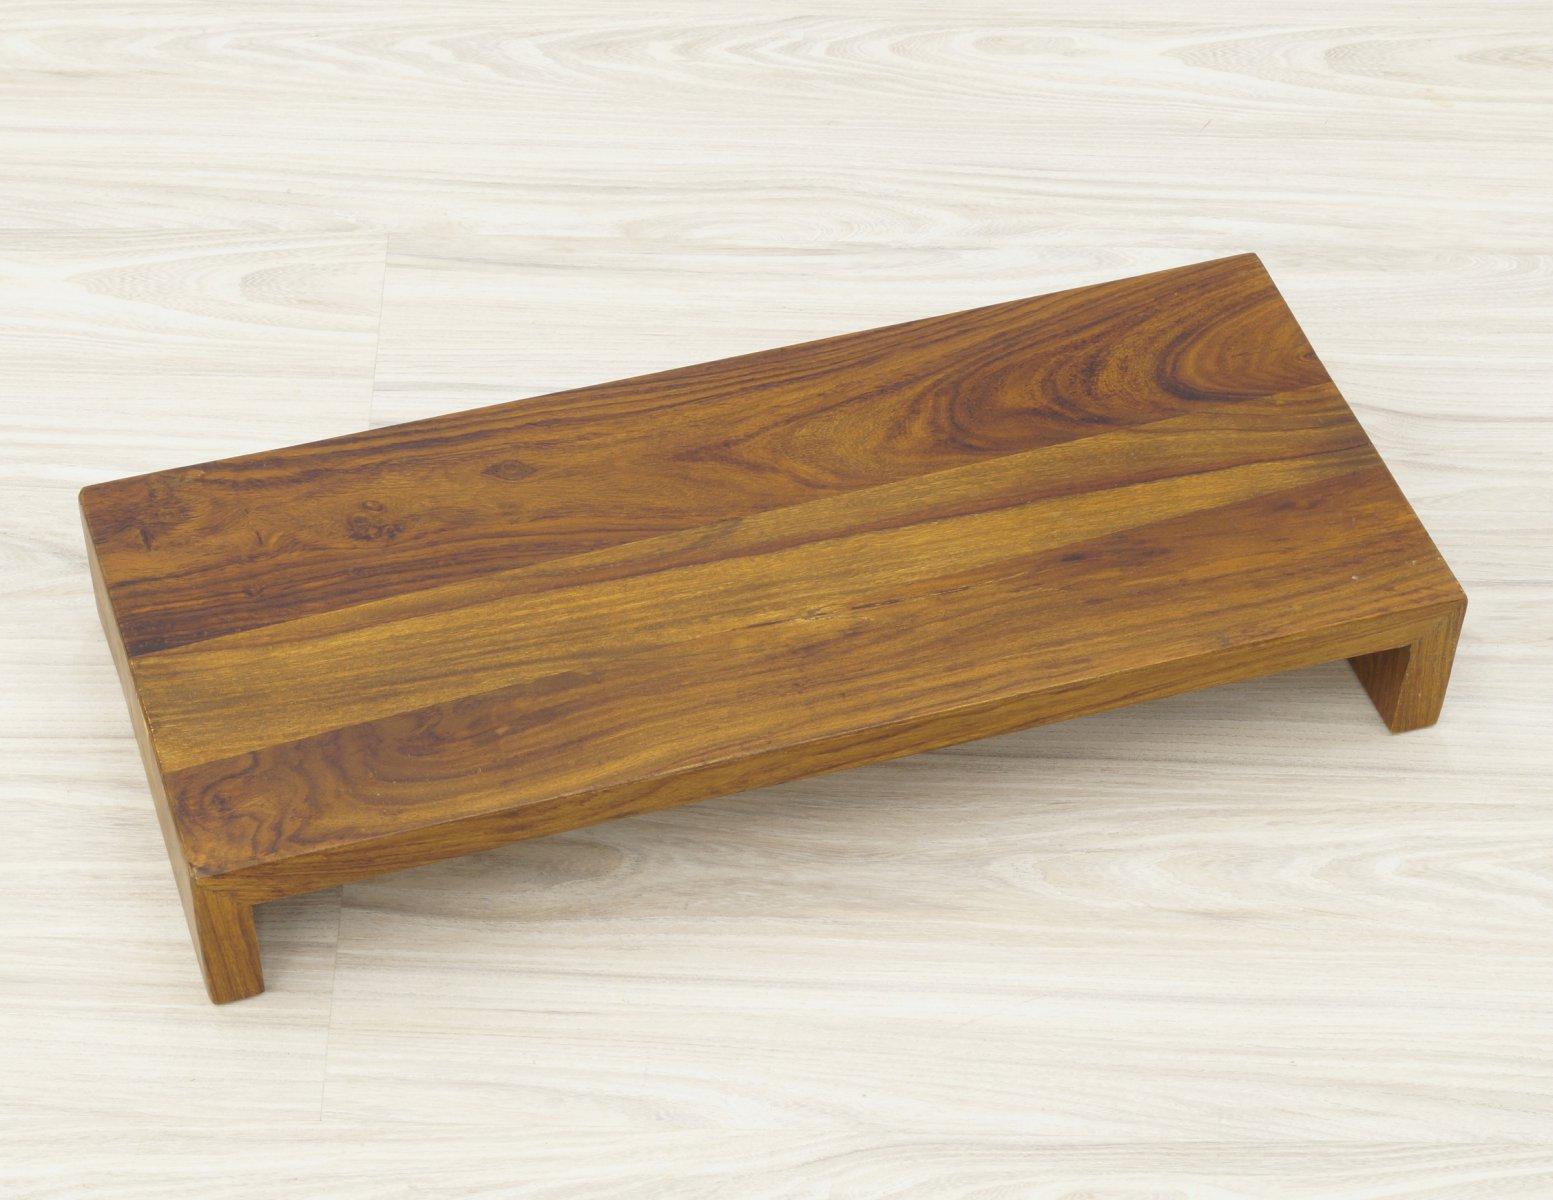 Półka ścienna lite drewno palisander indyjski jasny brąz długość 60cm